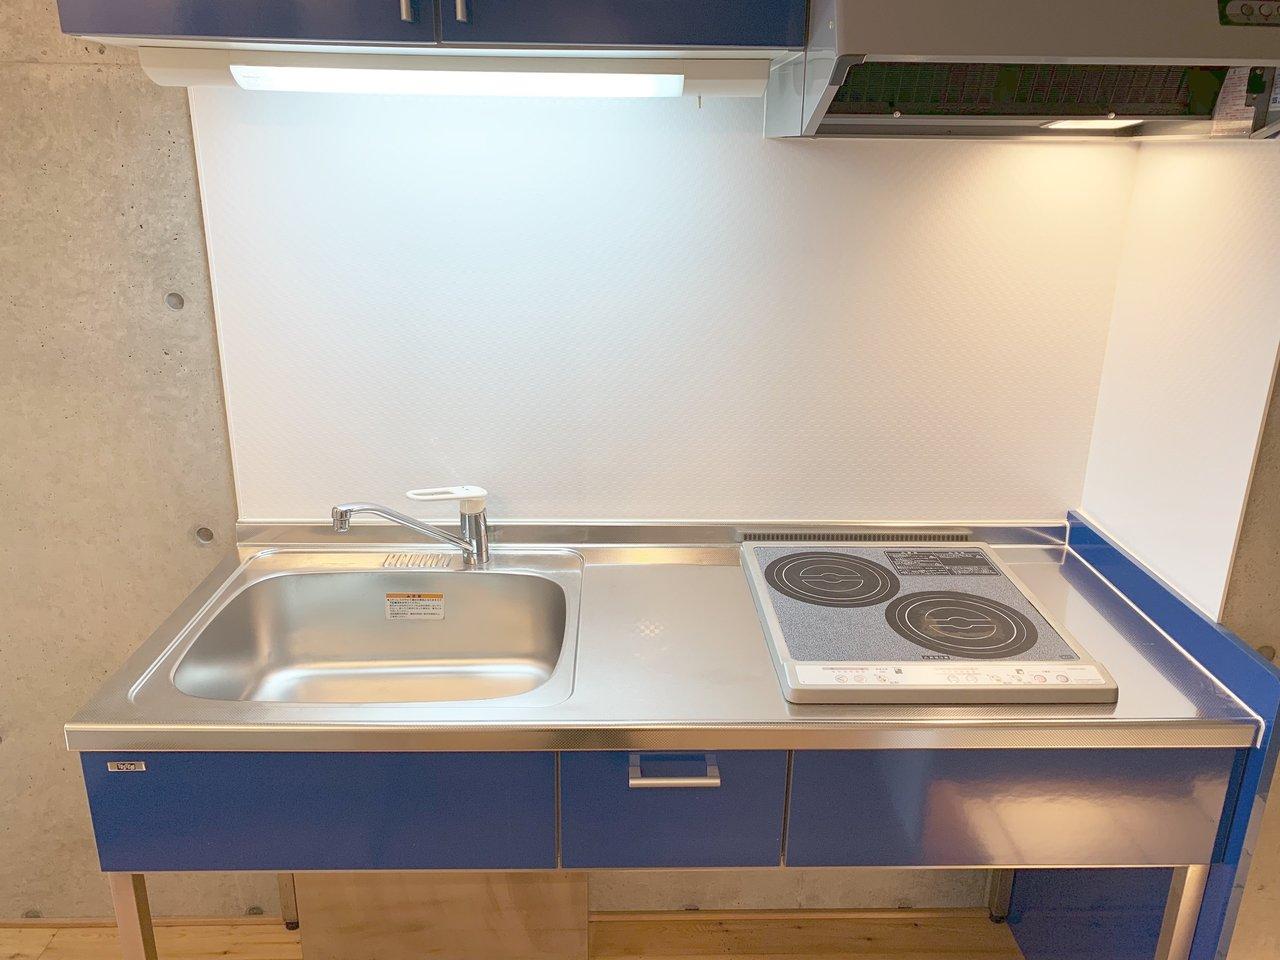 キッチンも、二口IHコンロに、作業スペースあり。ひとり暮らしで料理もちゃんとしたい、という方におすすめです。キッチン下には収納スペースはないので、自分流でアレンジした棚を置いてもいいですね。